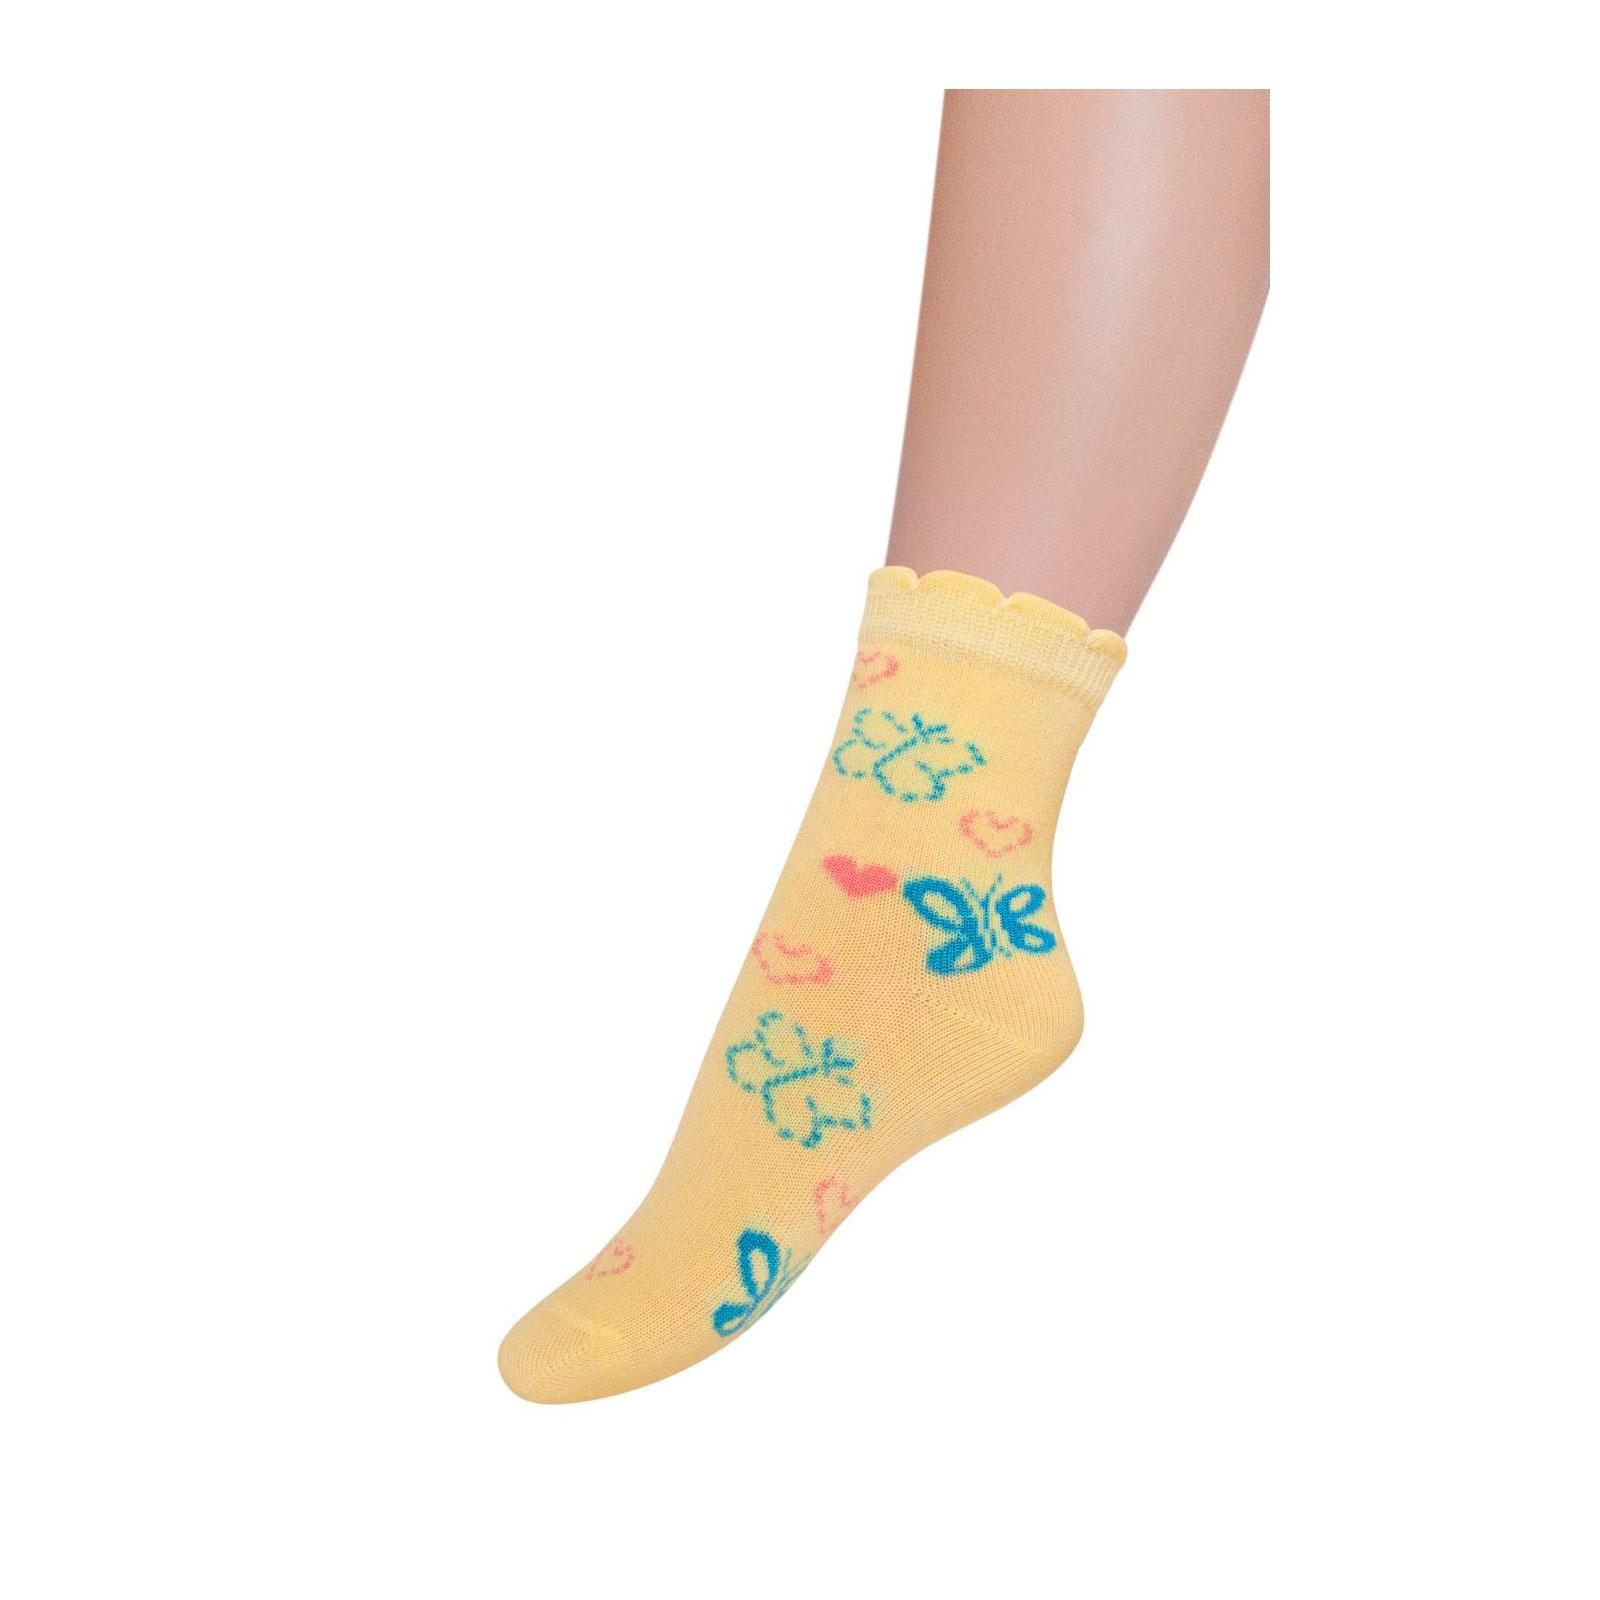 ����� Para Socks N1D33 � 12 ������